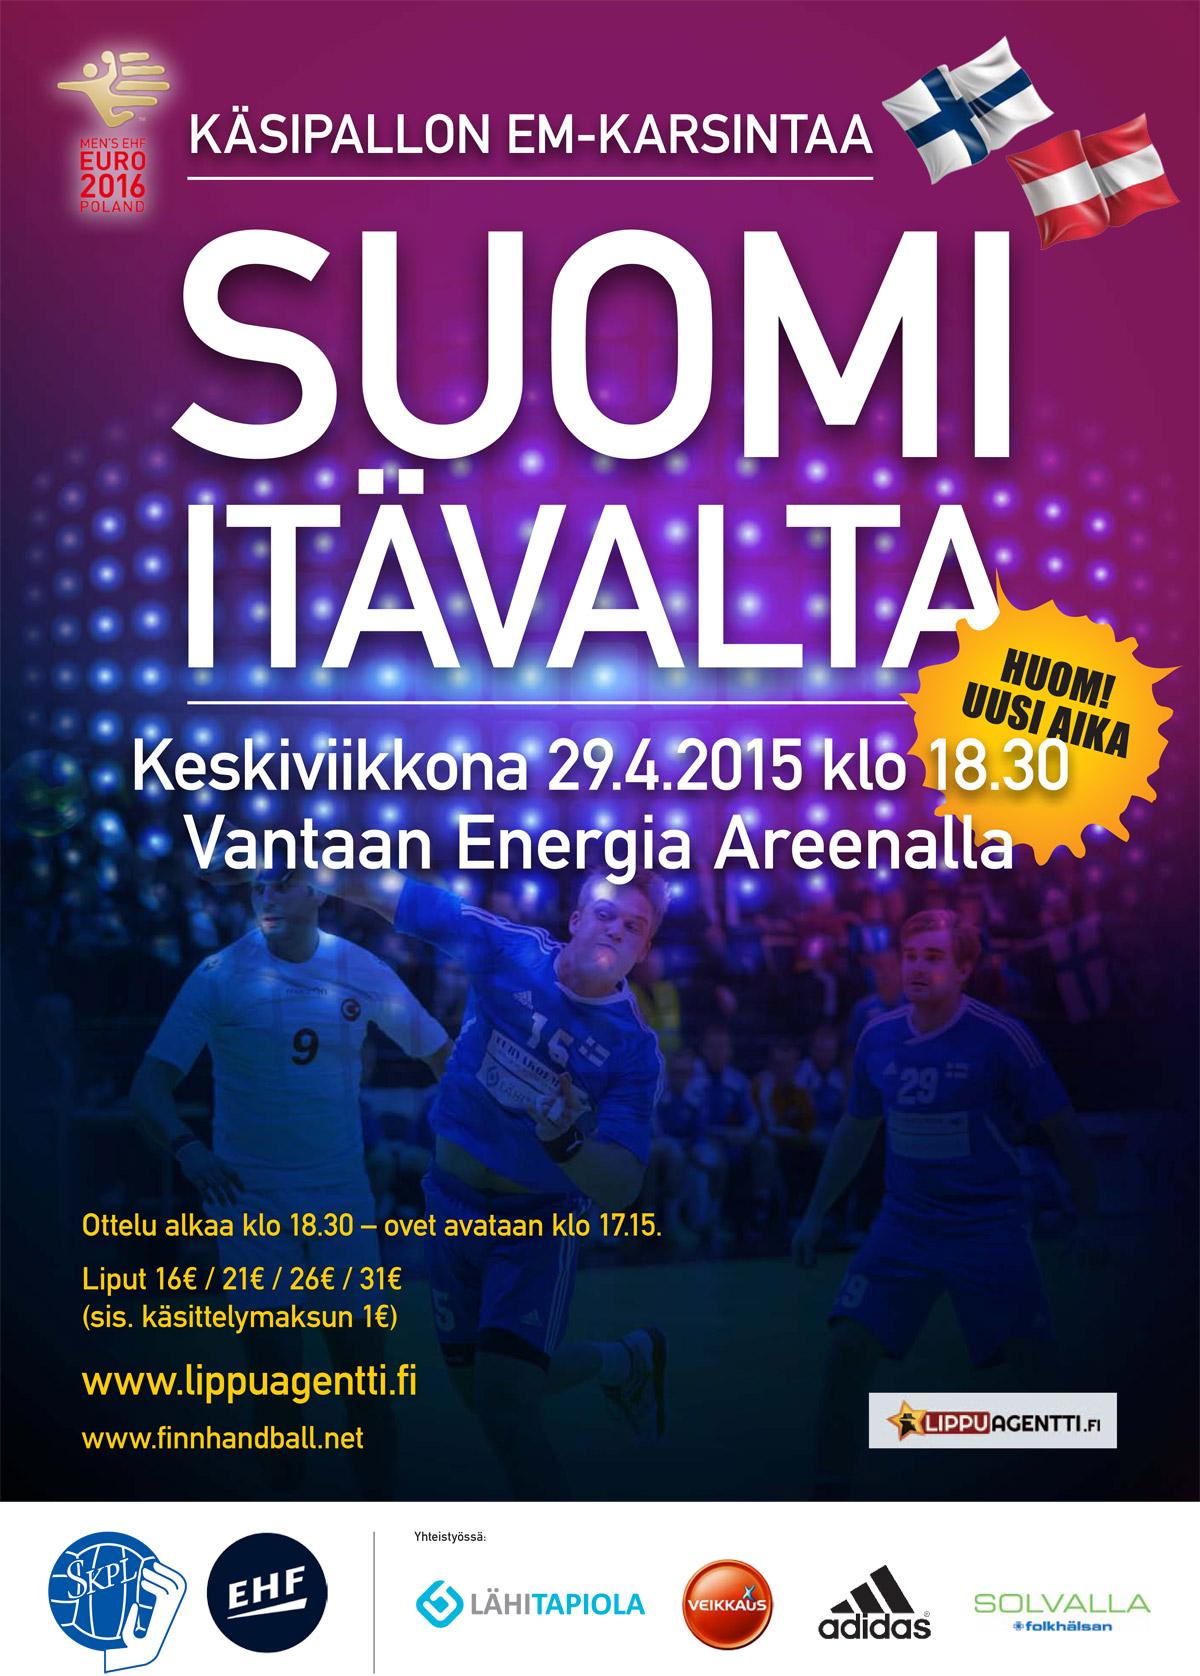 Käsipallon EM-karsintaottelu Suomi-Itävalta